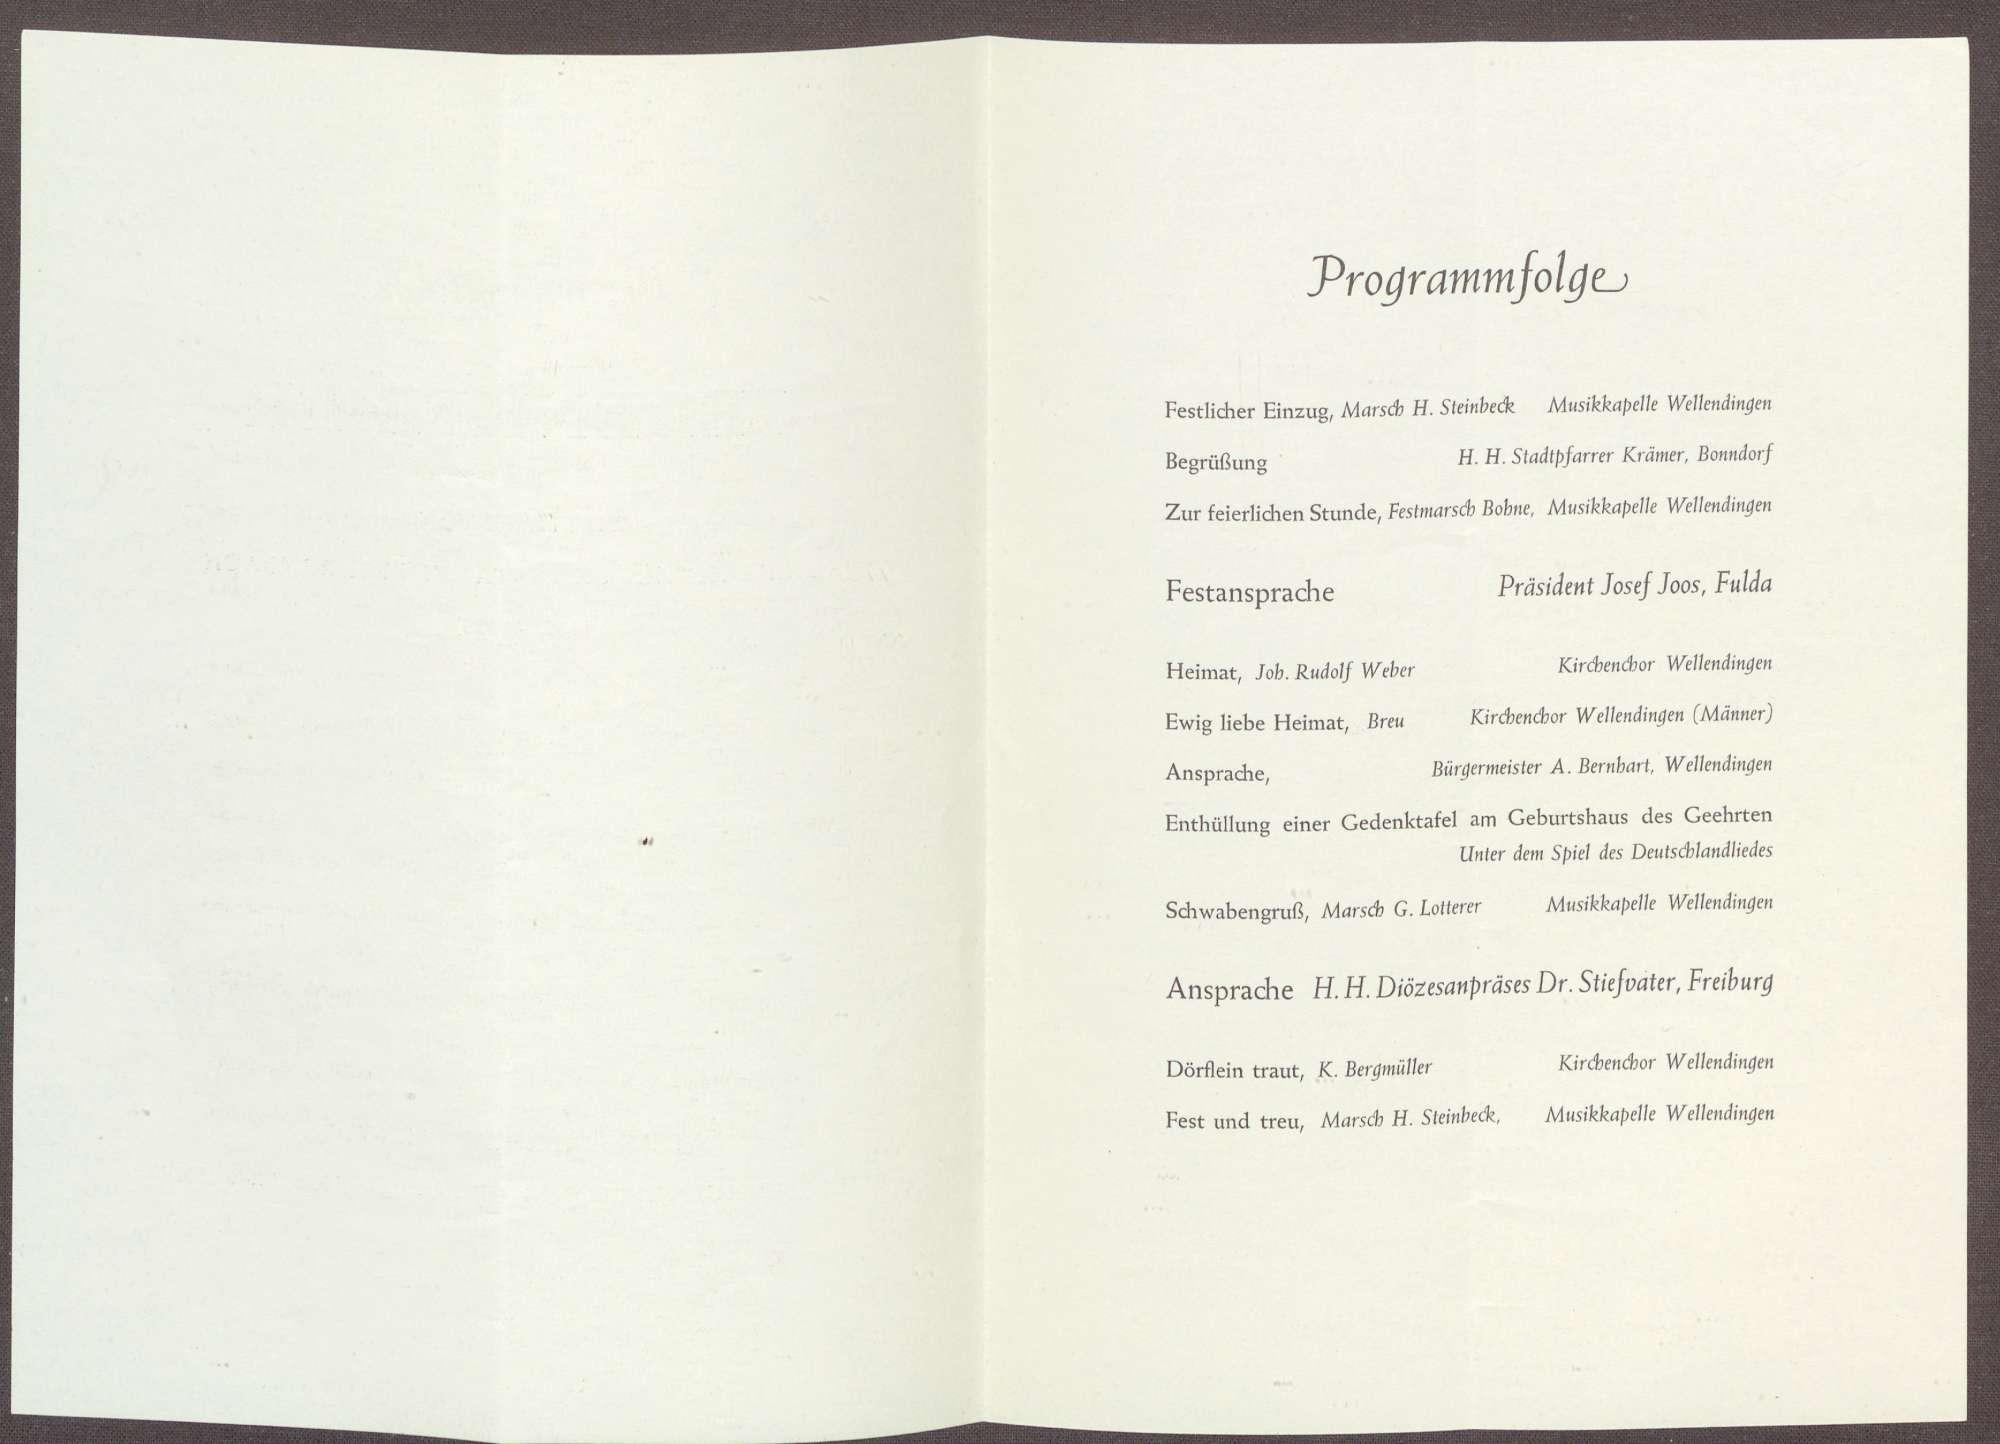 Programm zur Gedenkfeier für Constantin Fehrenbach von dessen Heimatgemeinde Wellendingen bei Bonndorf, Bild 2